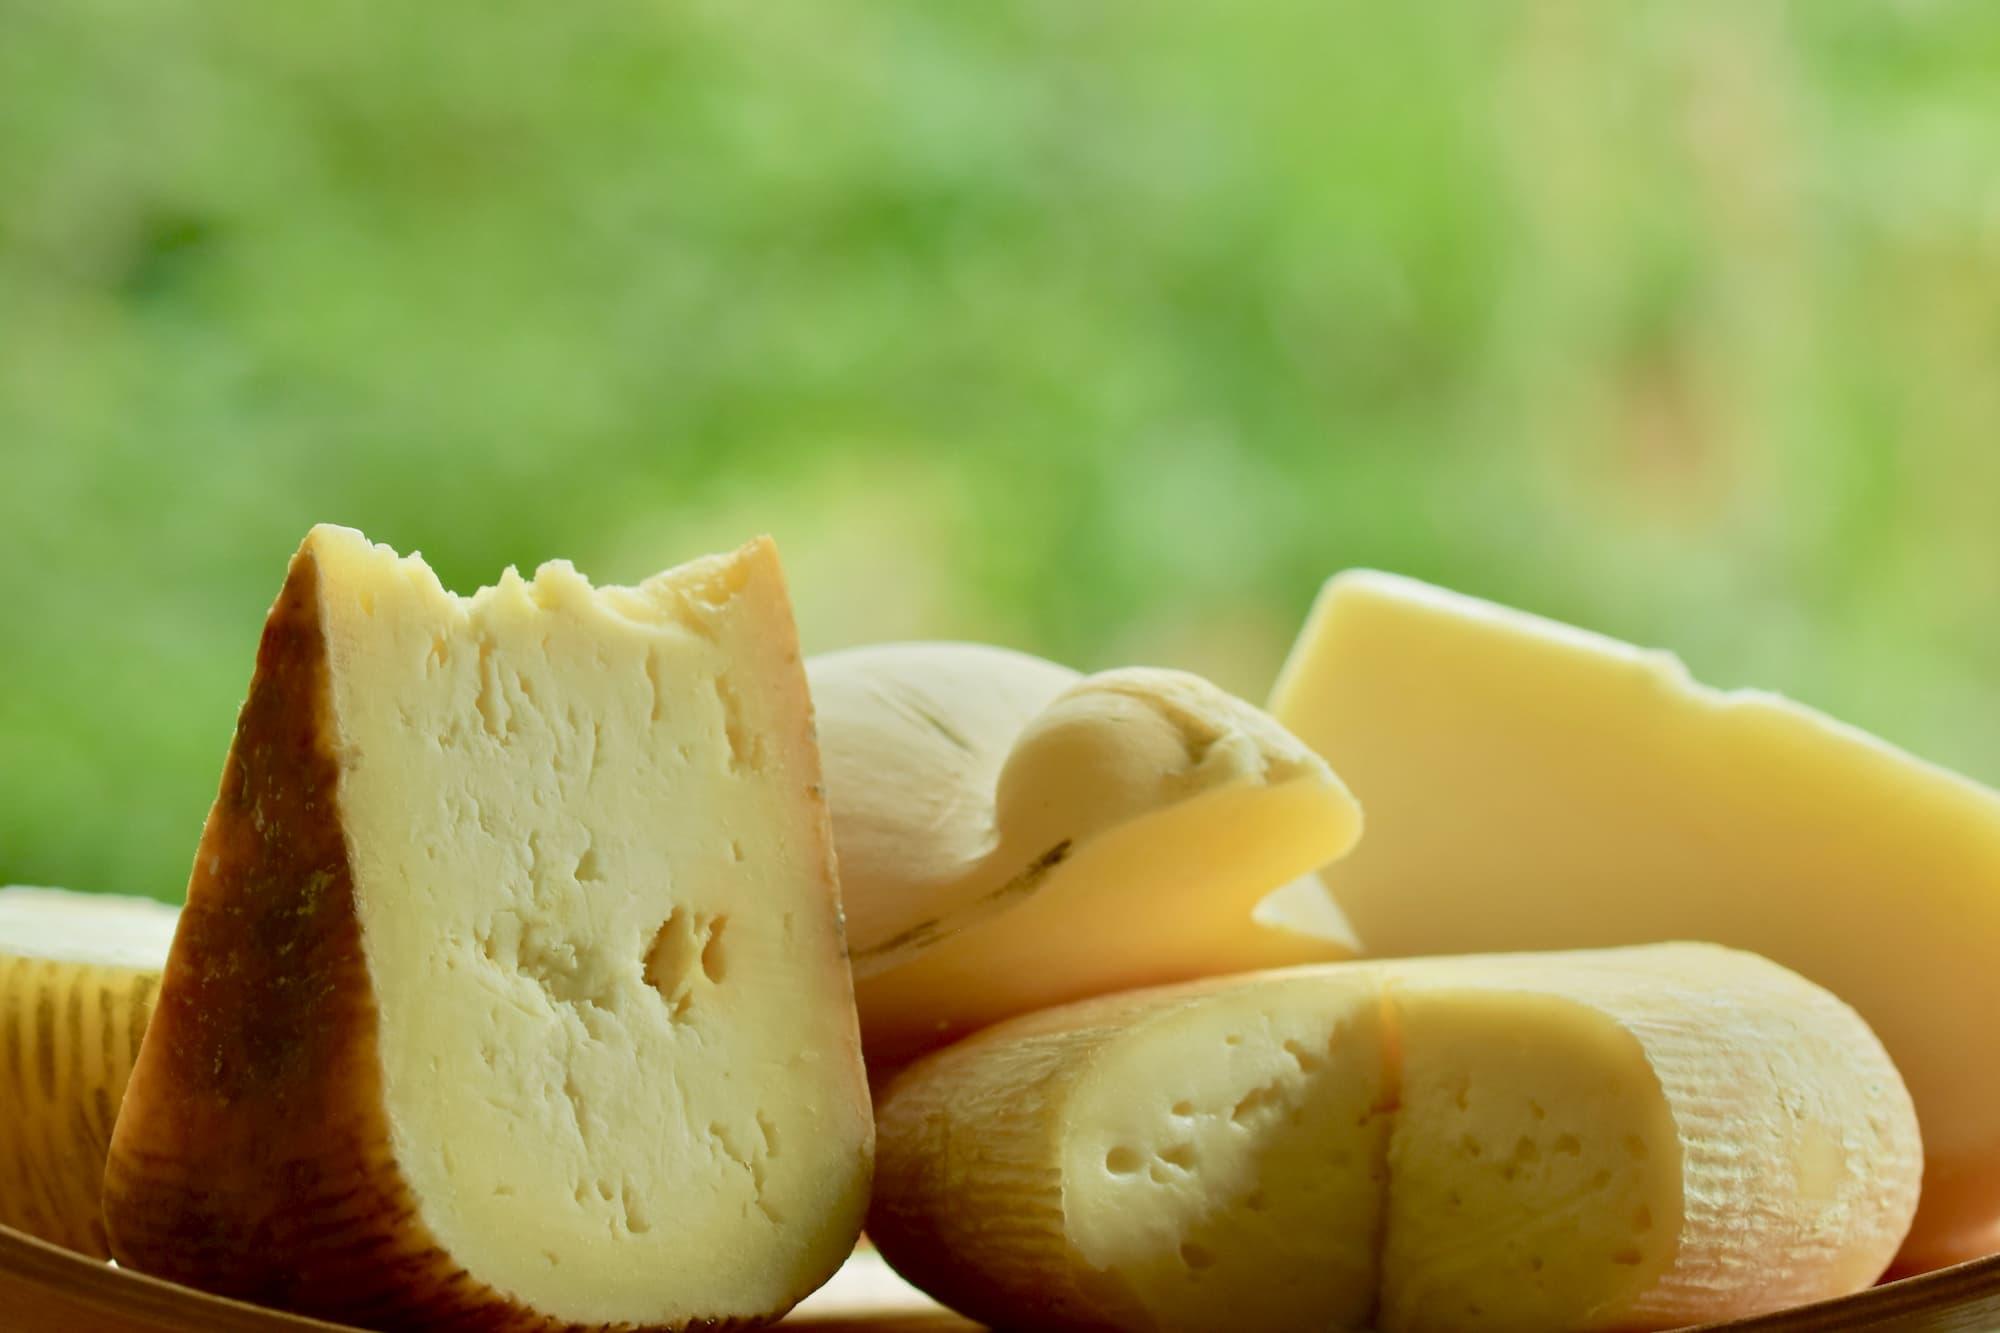 放牧された牛の乳でできたチーズ各種。同じ乳製品でも、毎日味が異なることを味覚で次世代に教えることは重要